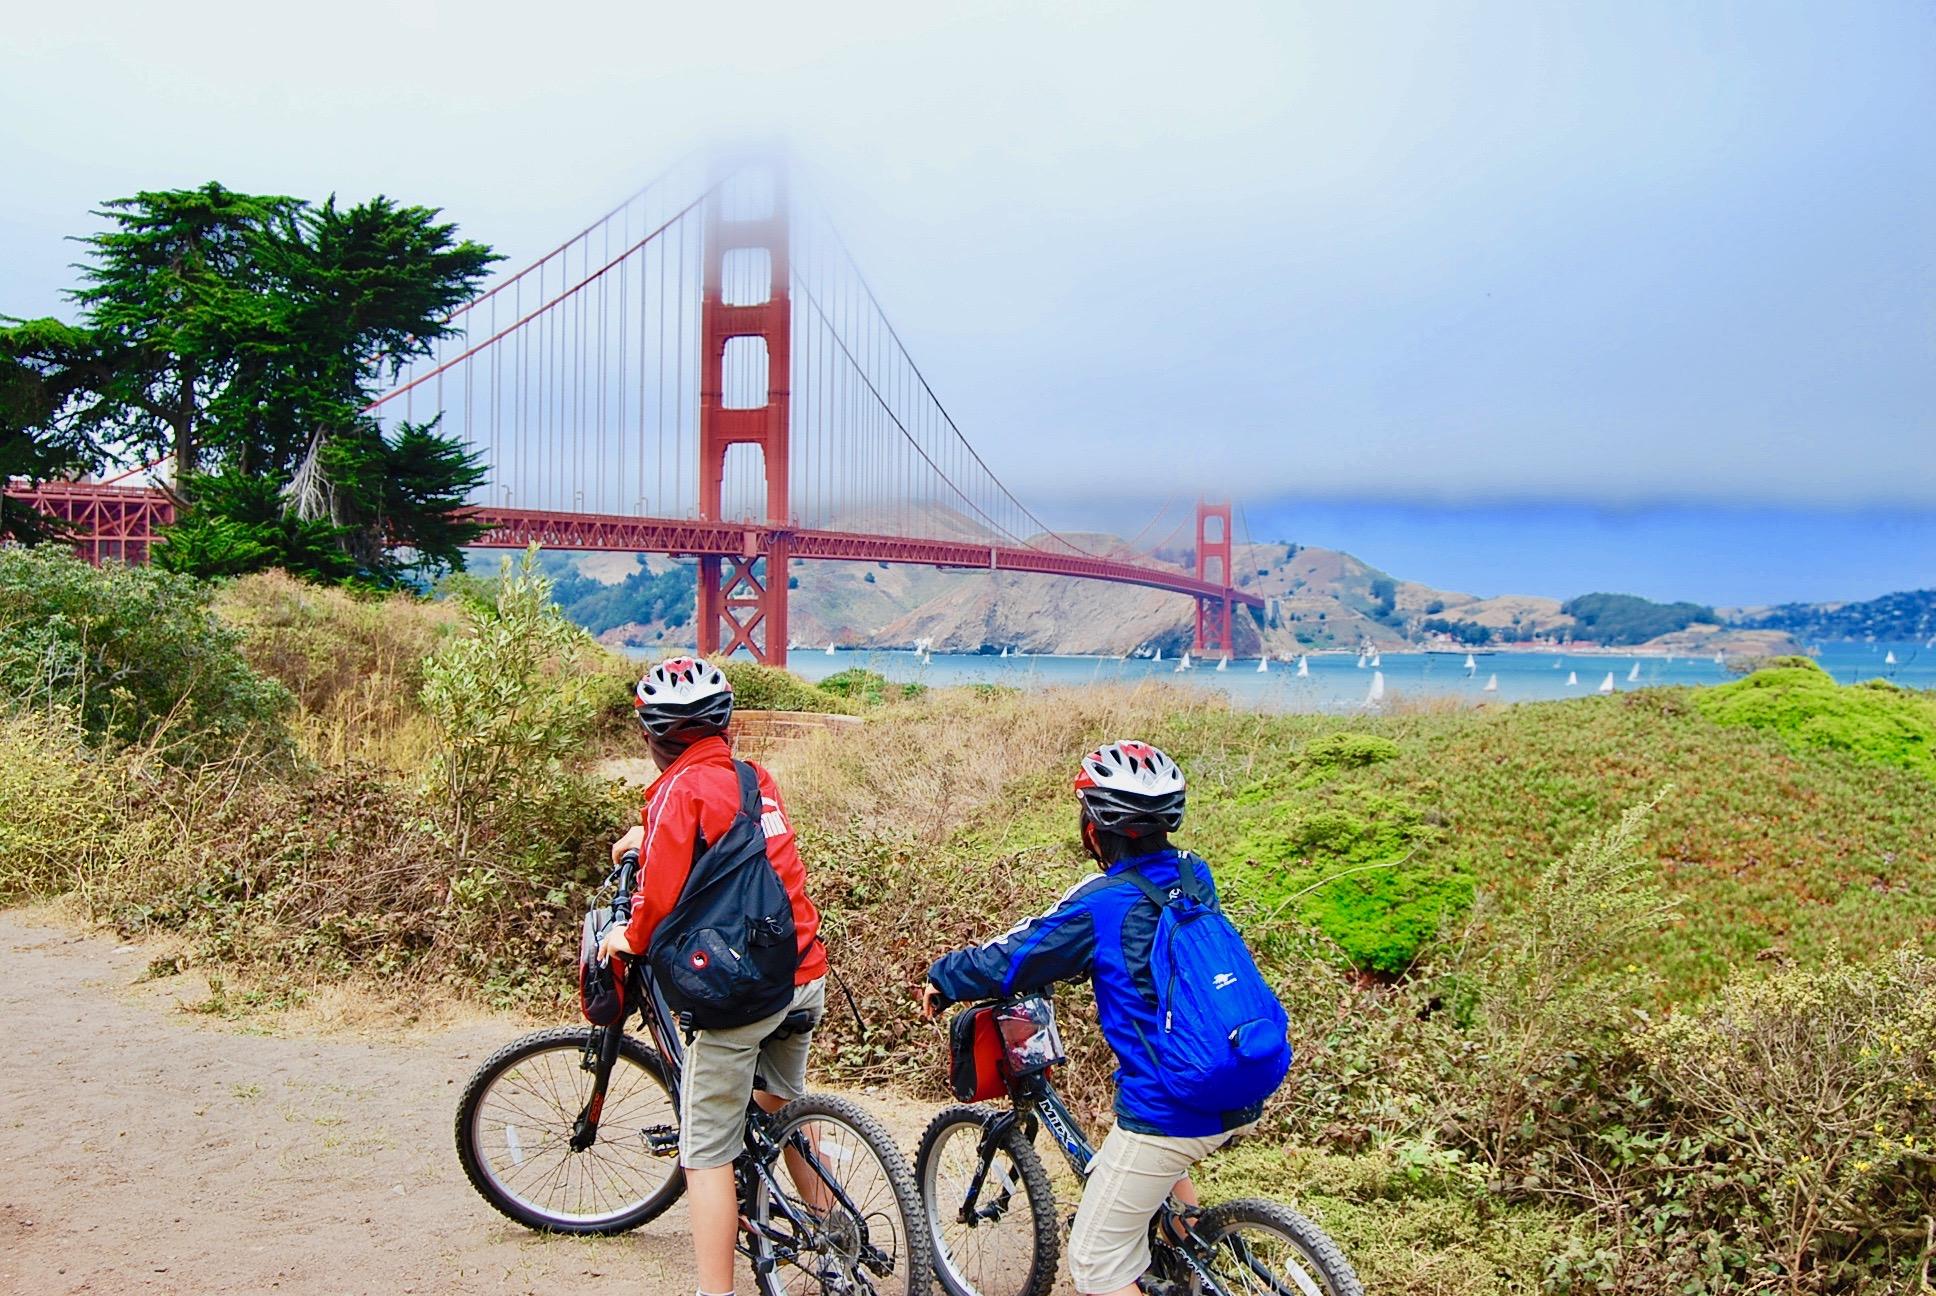 ゴールデンゲートブリッジと自転車にまたがる子供たち